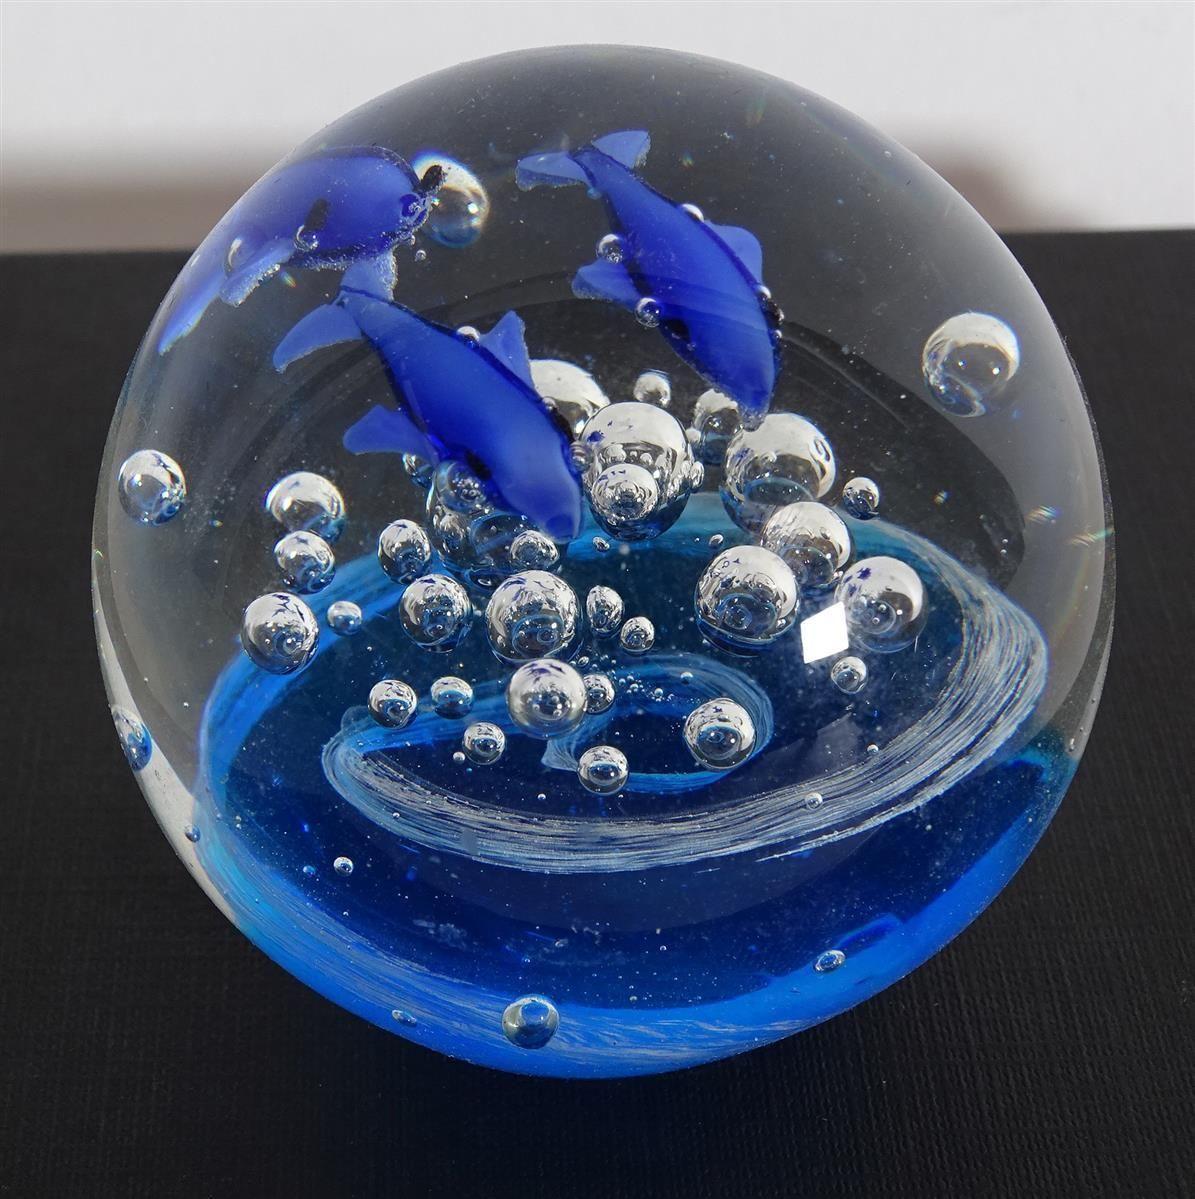 Rariät Kunstglas Paperweight Unterwasserwelt Fische tolle Farben ...